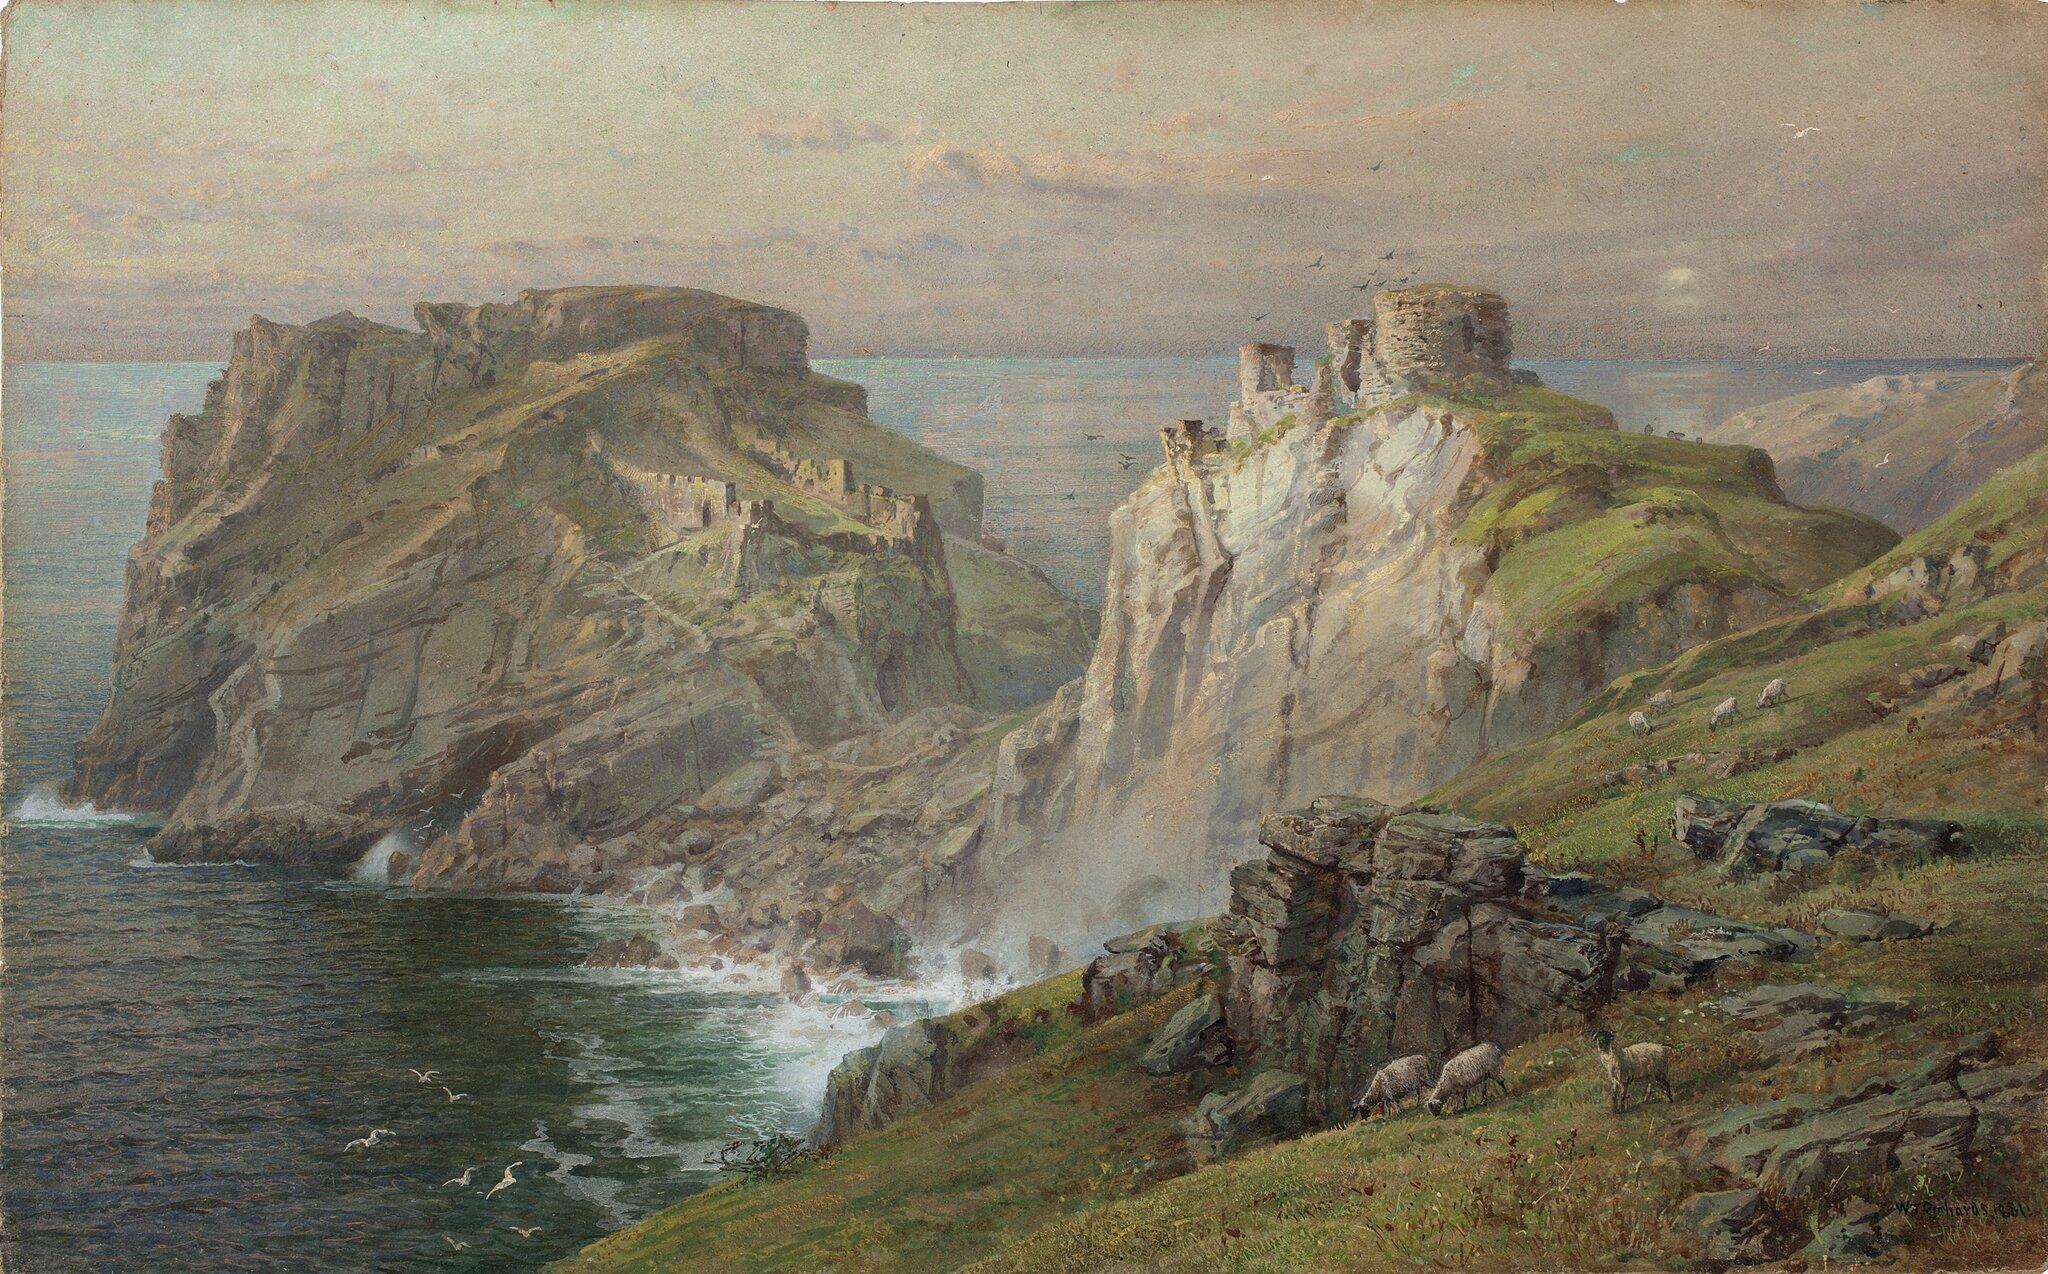 Tintagel Tintagel–miejscowość na zachodnim wybrzeżuKornwalii. Znajduje się tuzamek, wktórym–według legend–urodził siękról Artur. Źródło: William Trost, Tintagel, 1881, akwarela, domena publiczna.